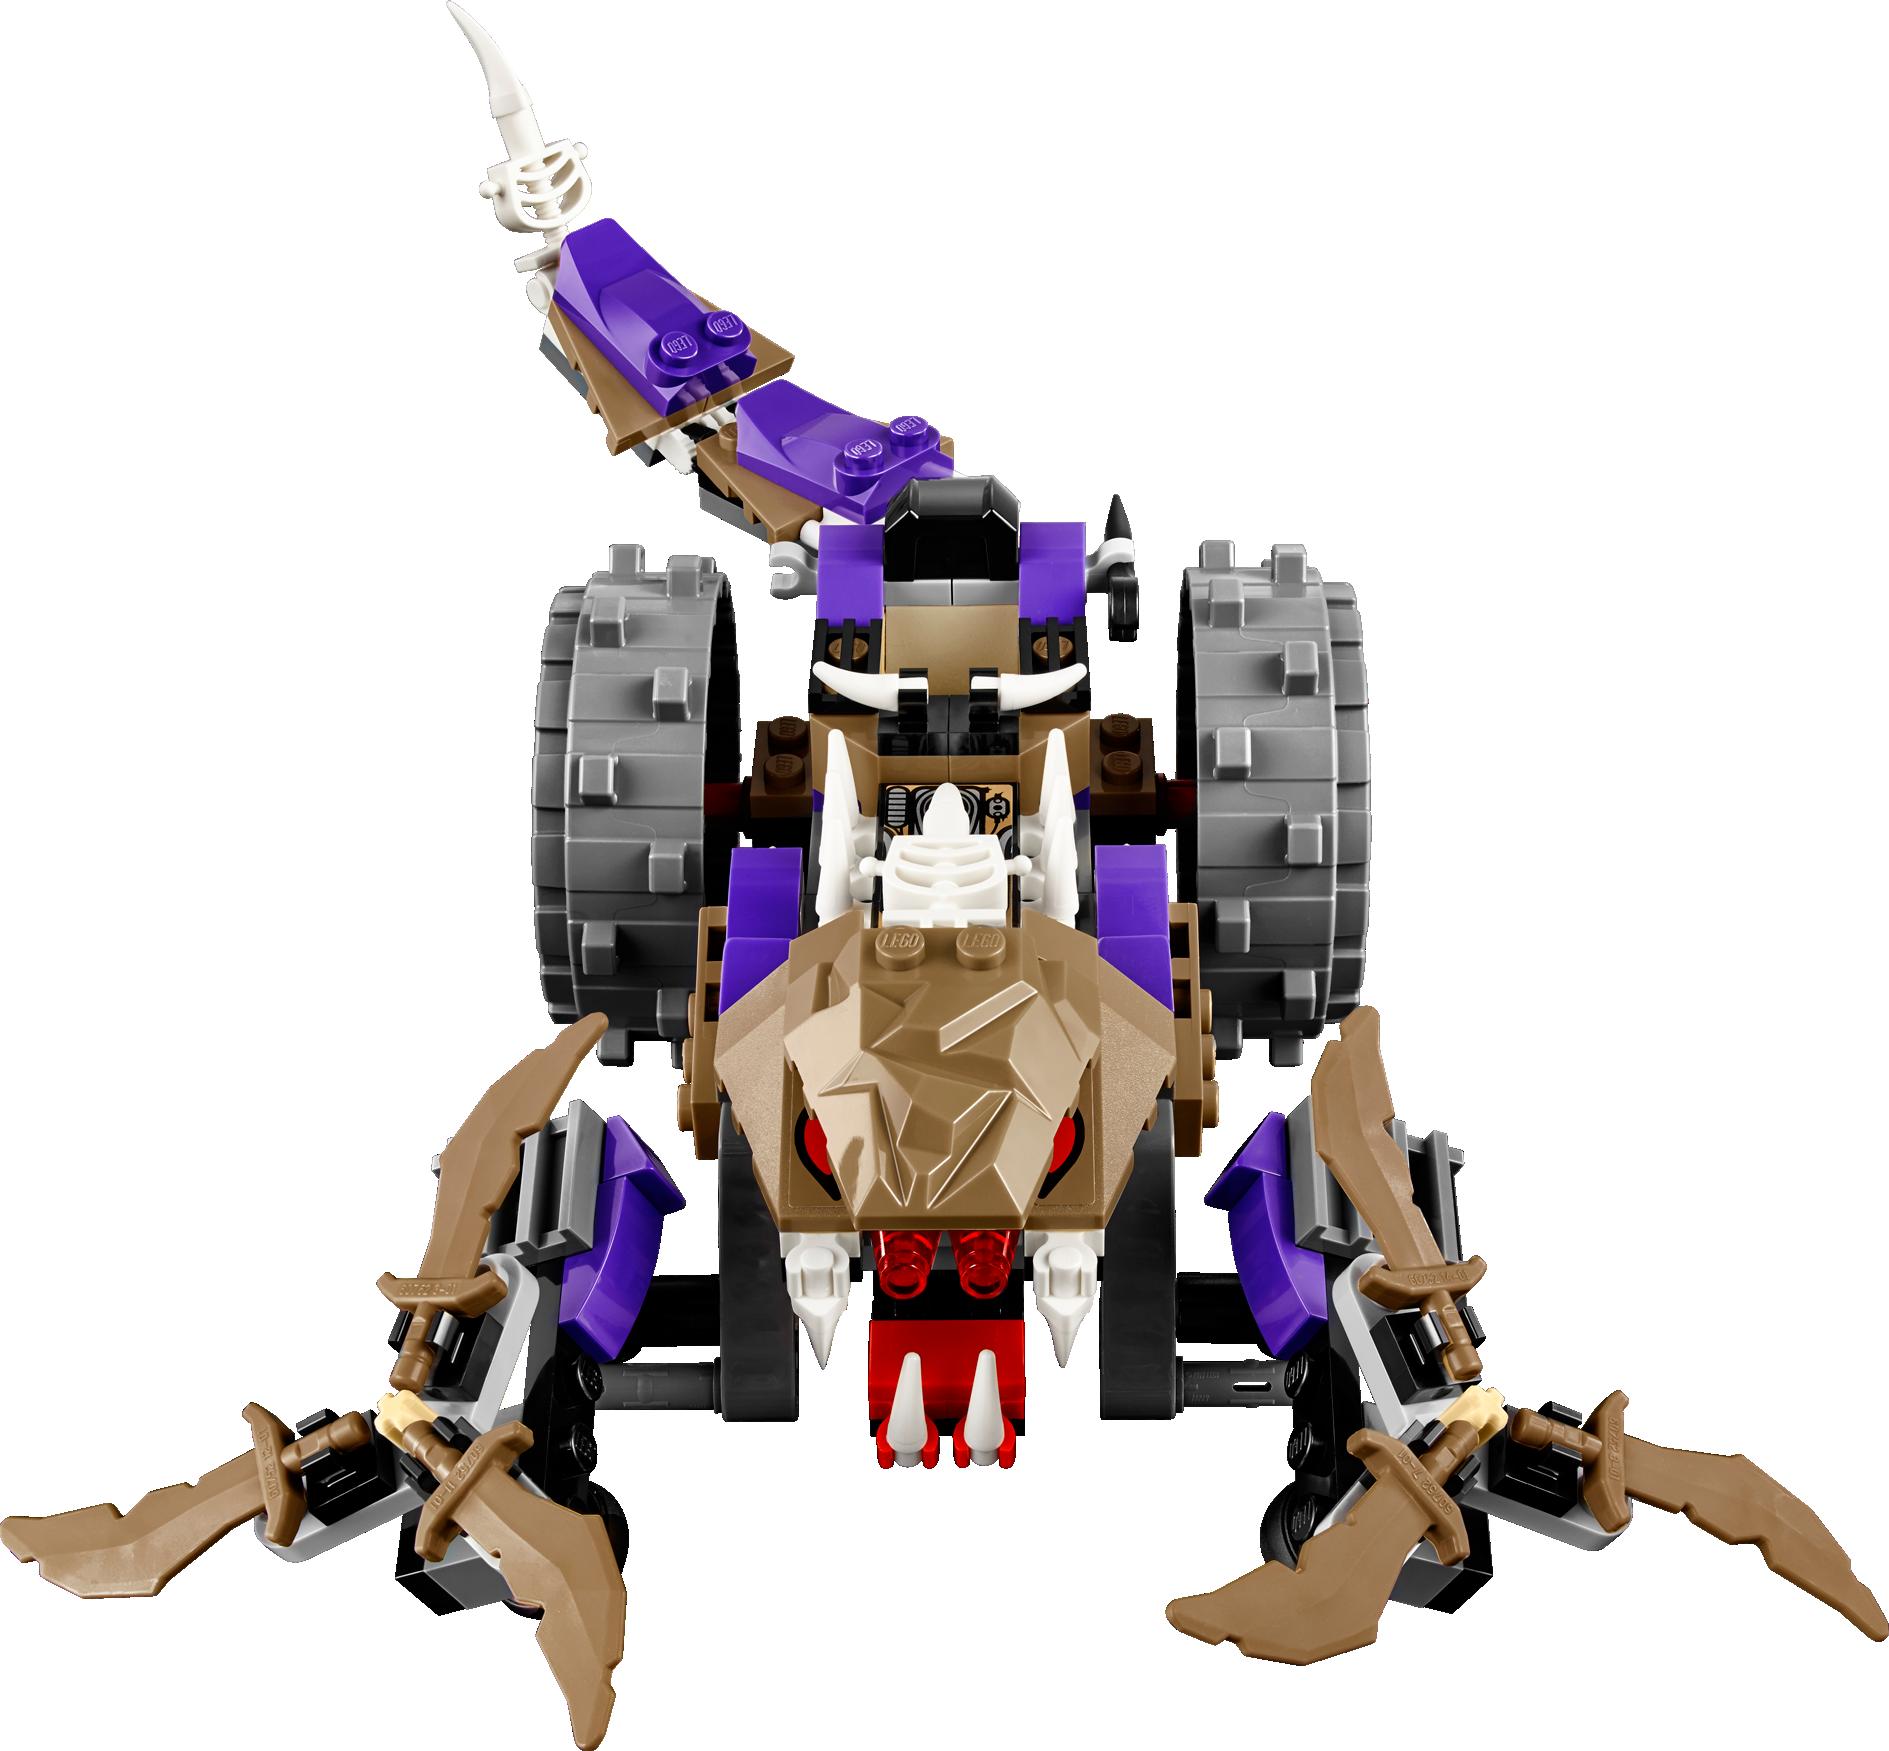 Anacondrai Crusher